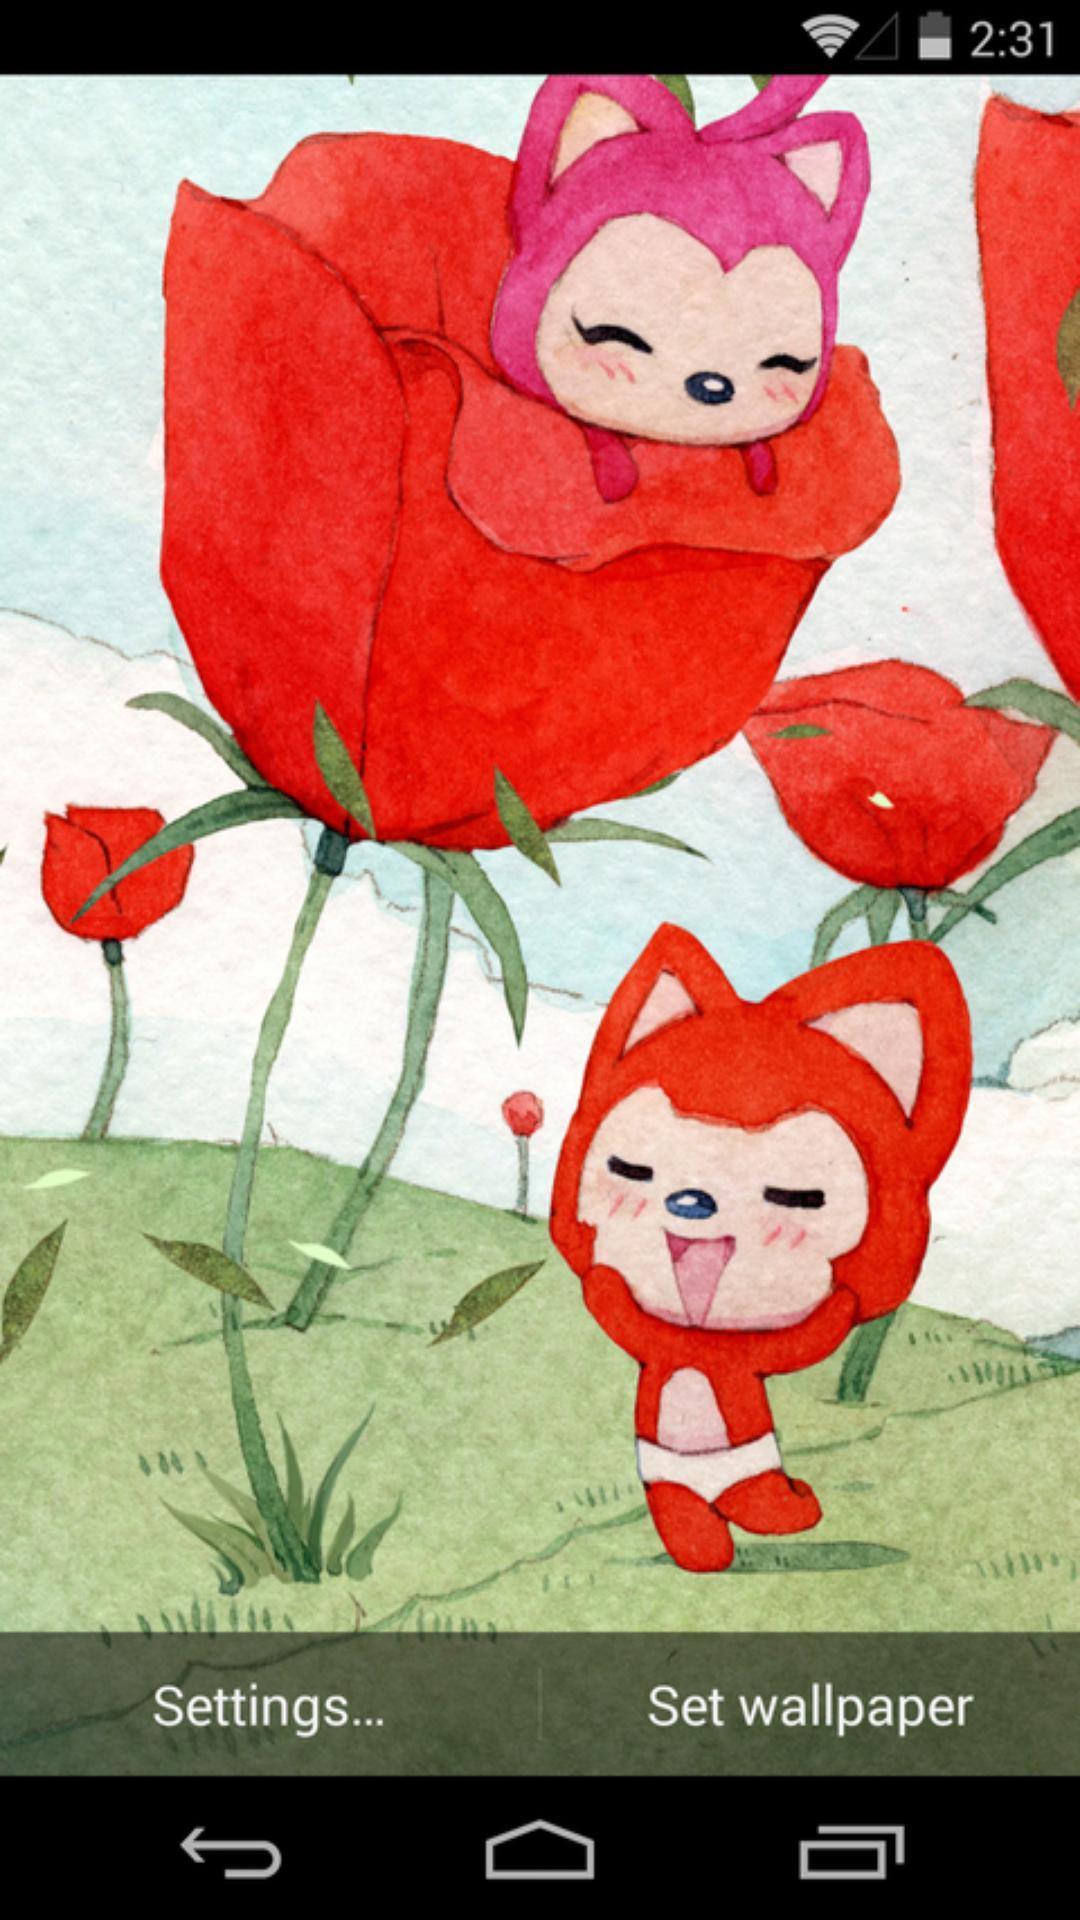 《 阿狸之春天-梦象动态壁纸 》截图欣赏